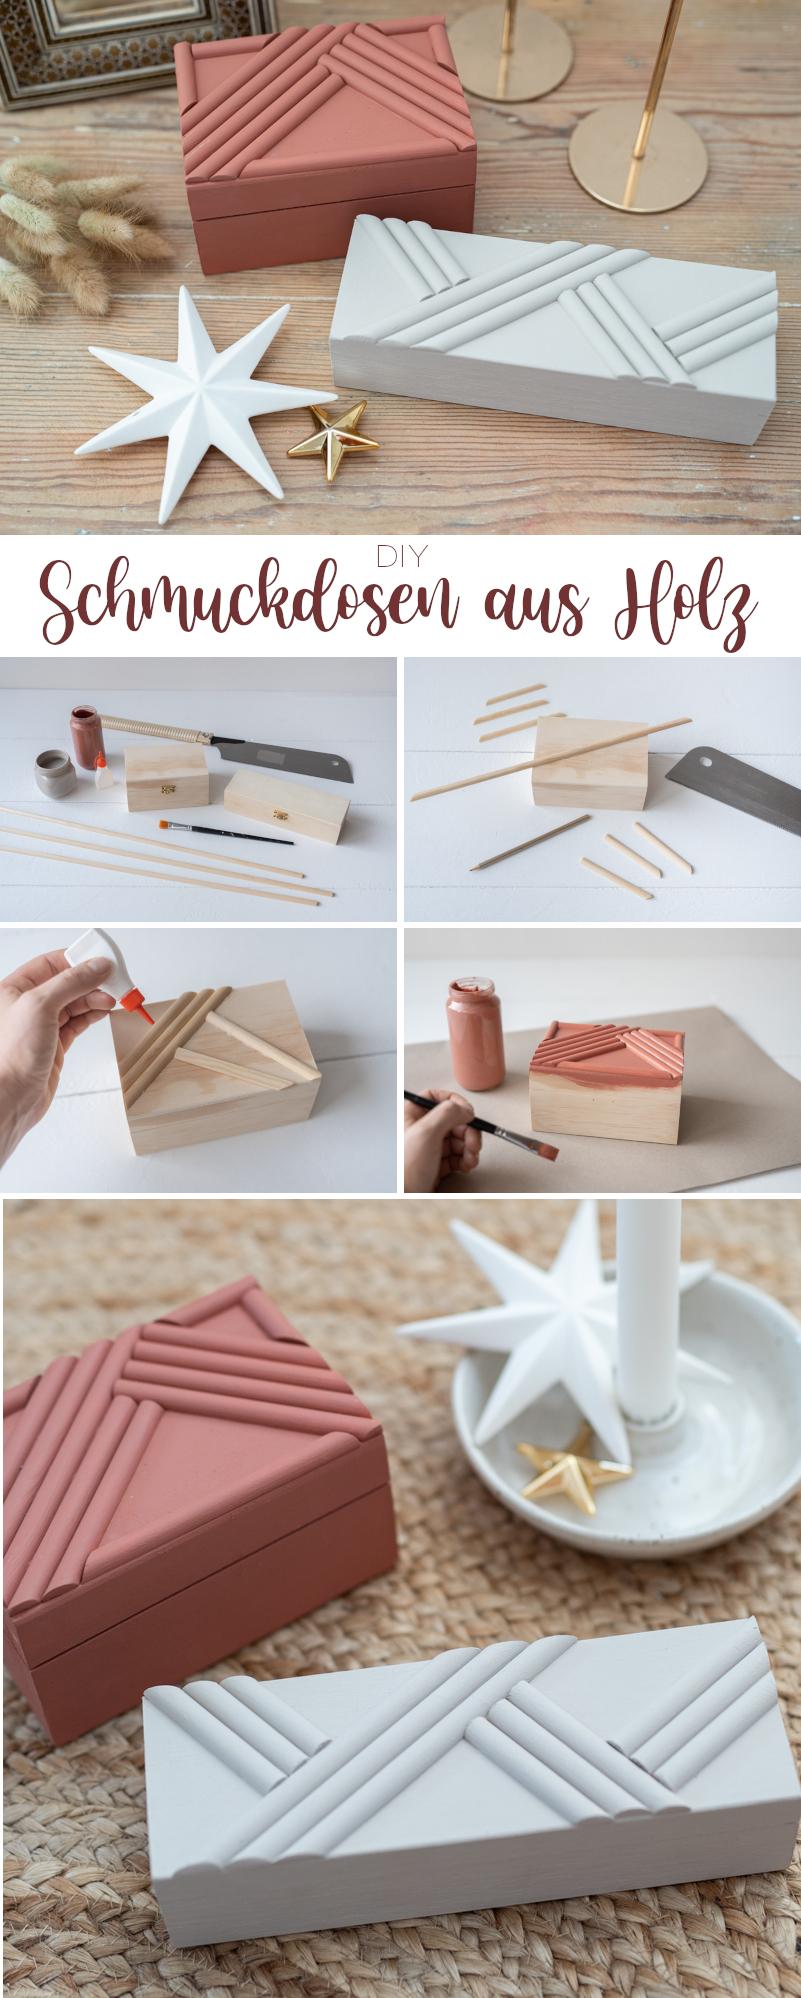 DIY Anleitung für Holzkisten als Schmuckdosen aus Holz mit geometrischem Muster als Aufbewahrung für Schmuck und Geschenkverpackung zu Weihnachten